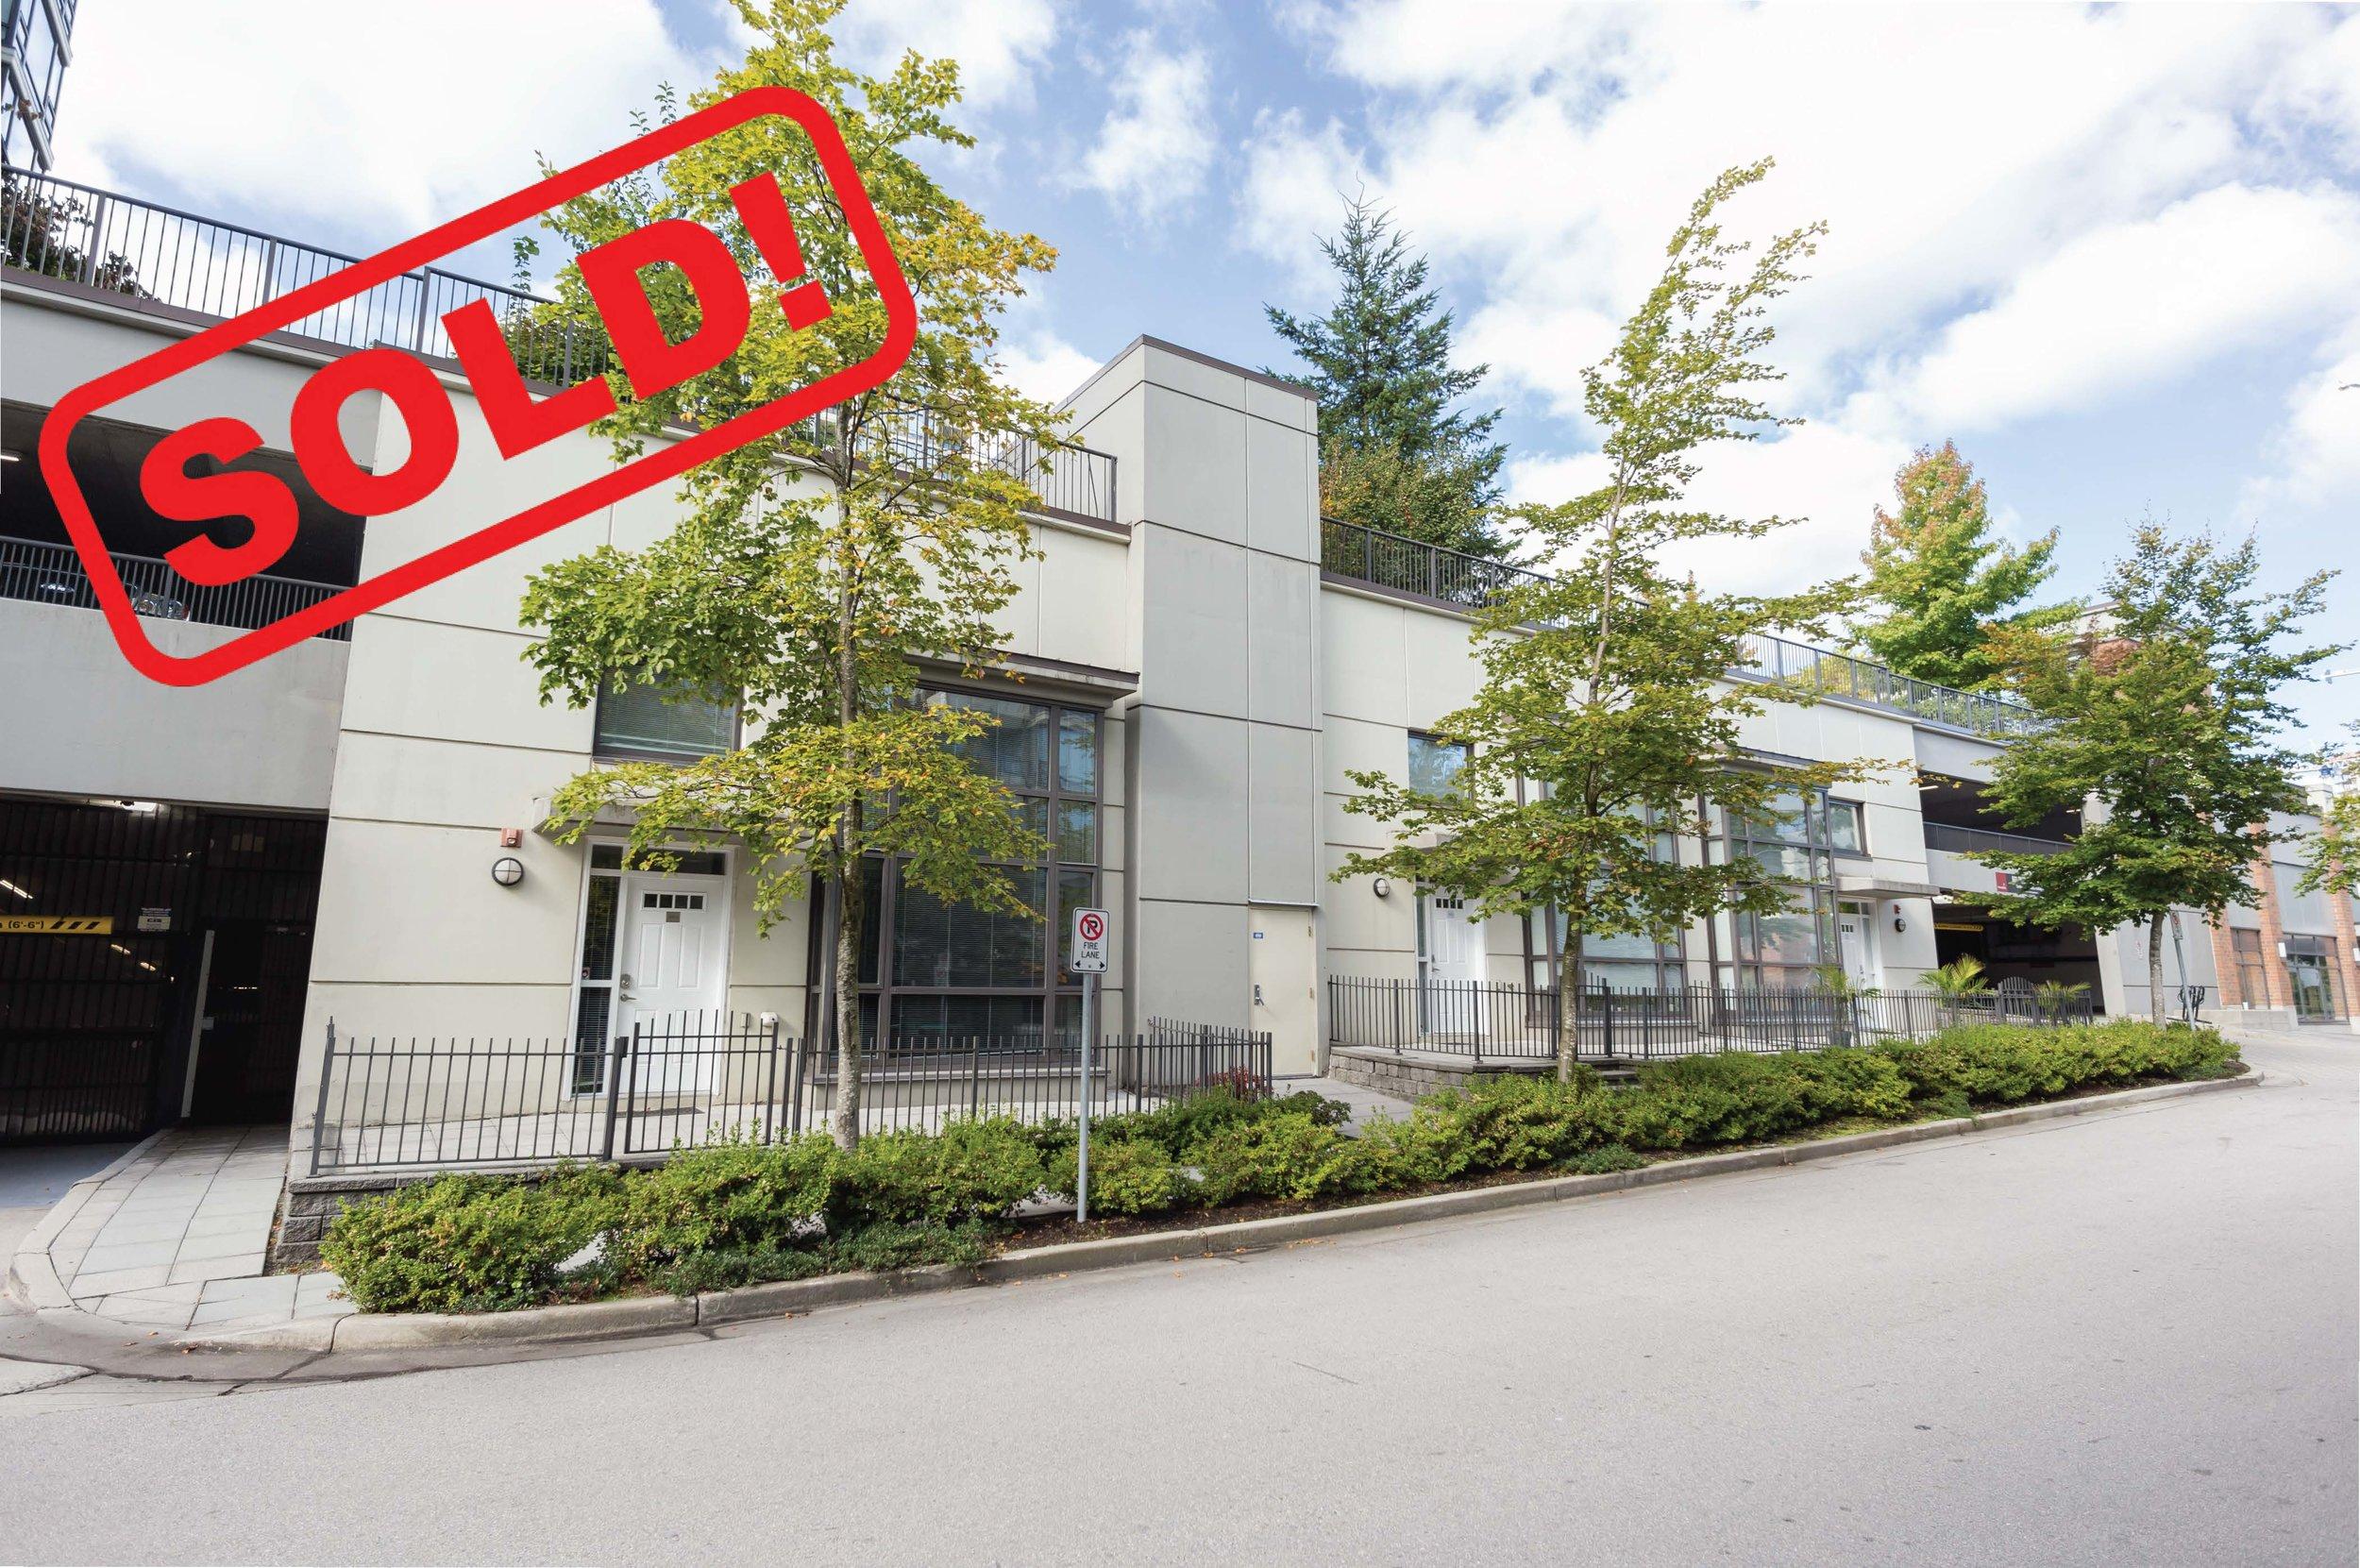 TH3-4178 Dawson Street   sold for $598,000  1 Bed | 2 Bath | 749 SF